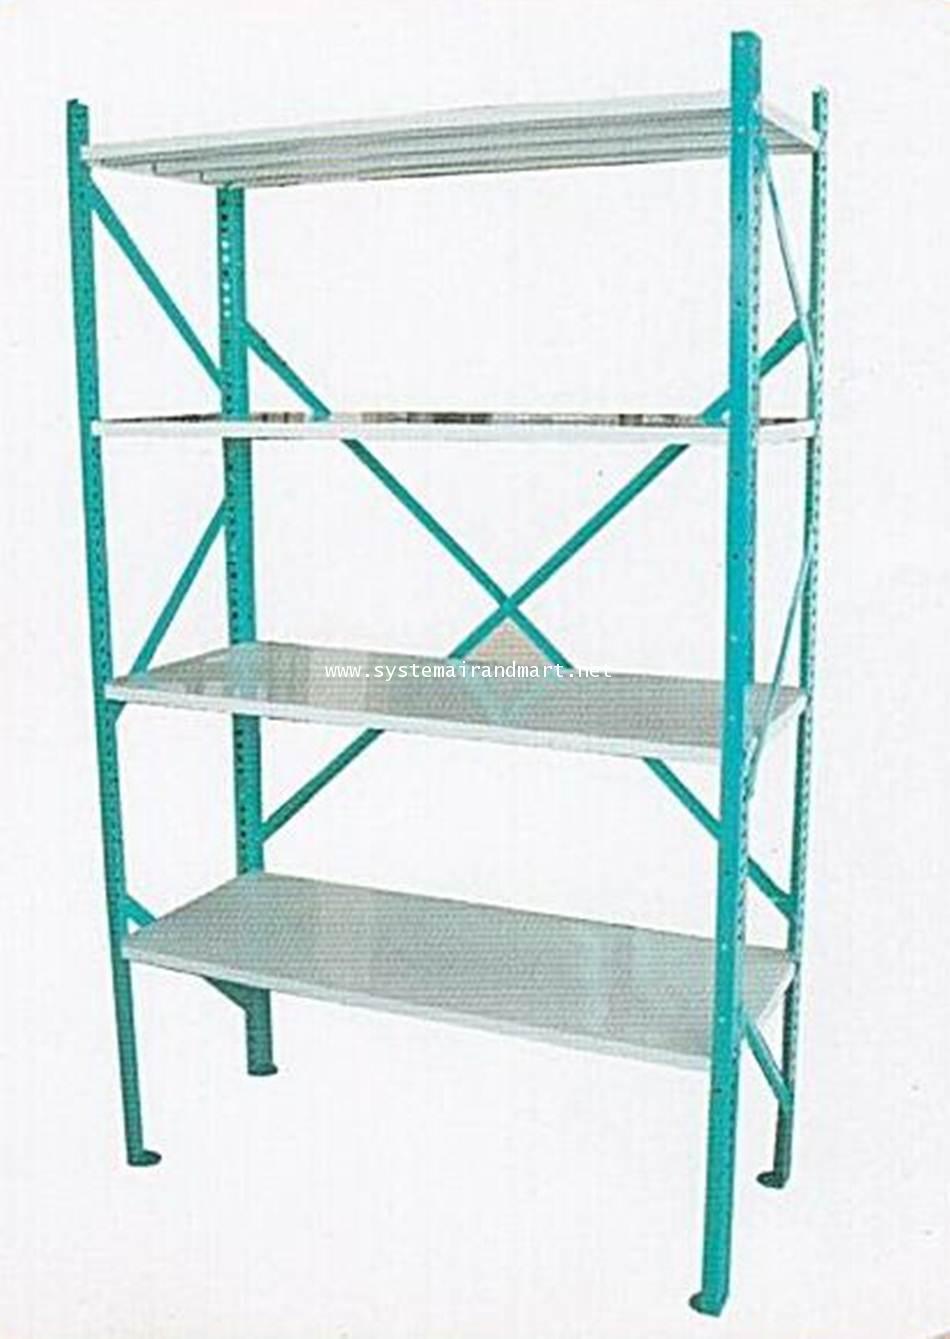 ชั้นแลคสตีล เซฟวิ่ง4ชั้น Rack Steel Shelving 90cm